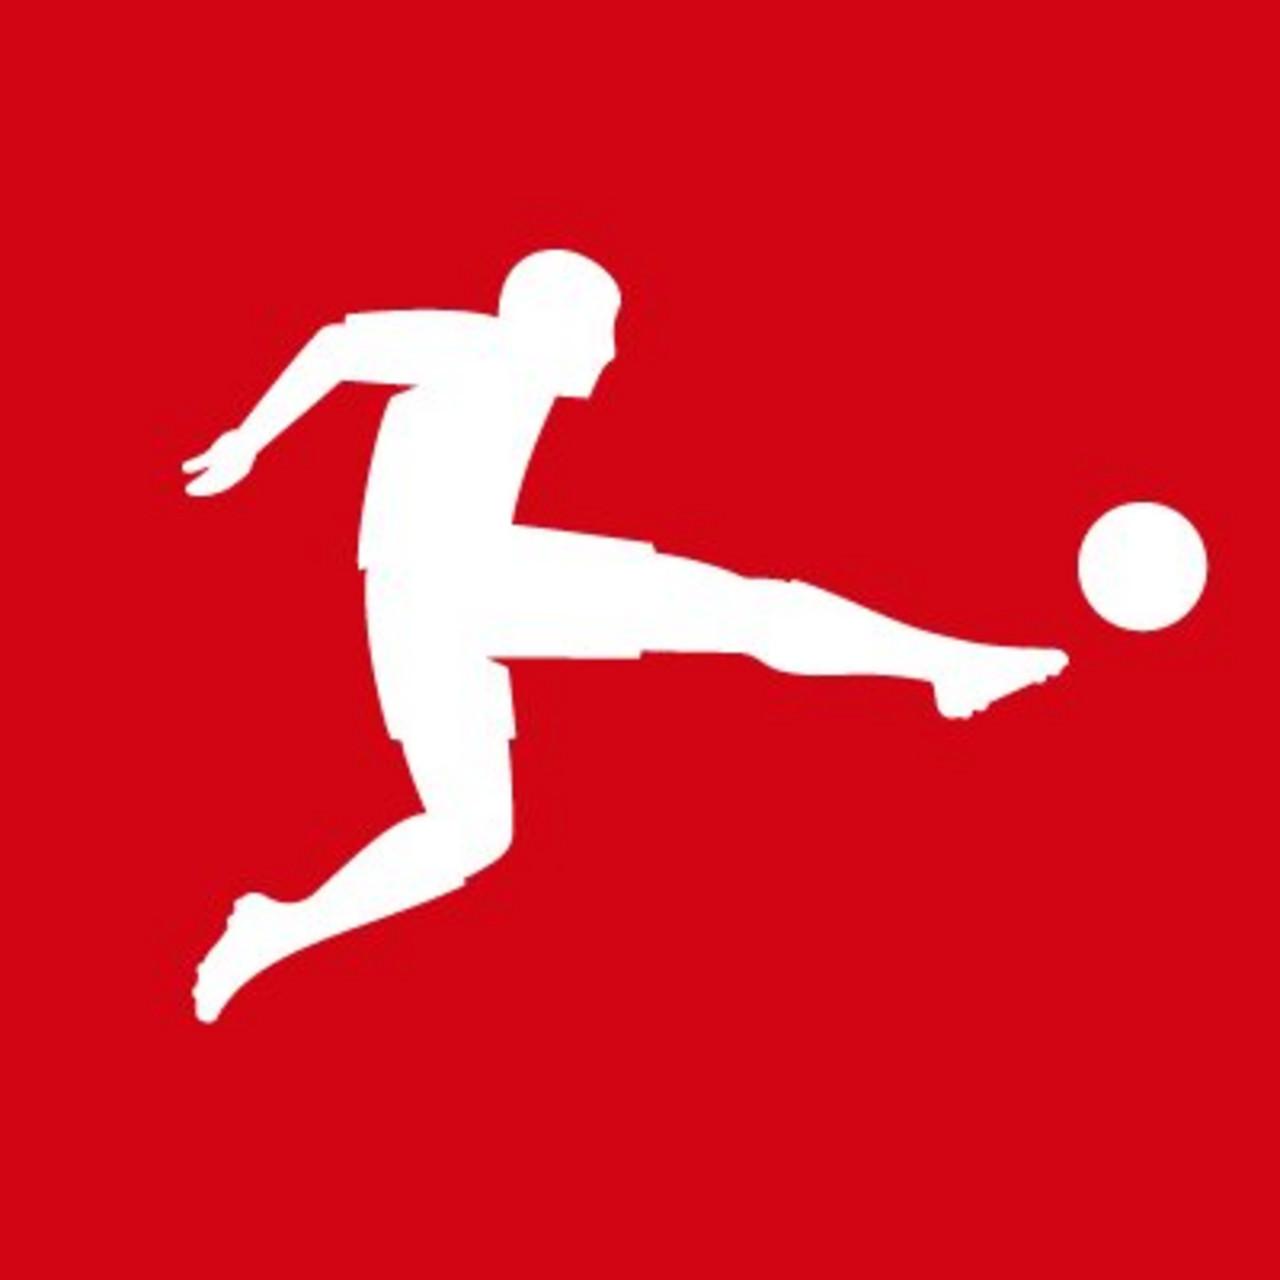 Bundesliga- Oltre al Fortuna, vincono anche Borussia Monchenglabach e Wolfsburg